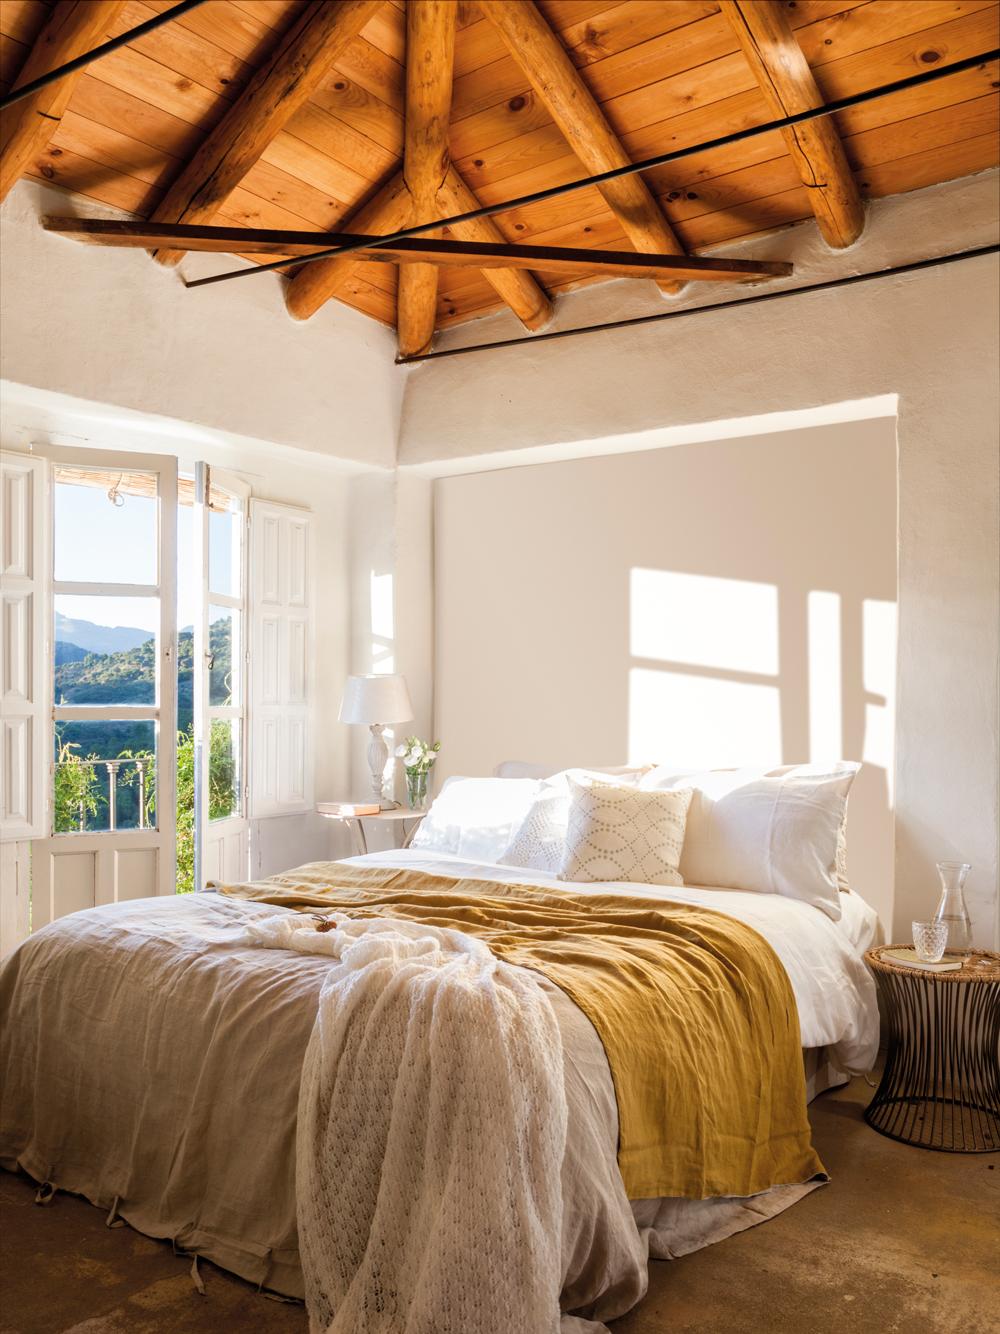 00437076. Dormitorio con hornacina a modo de cabecero 00437076